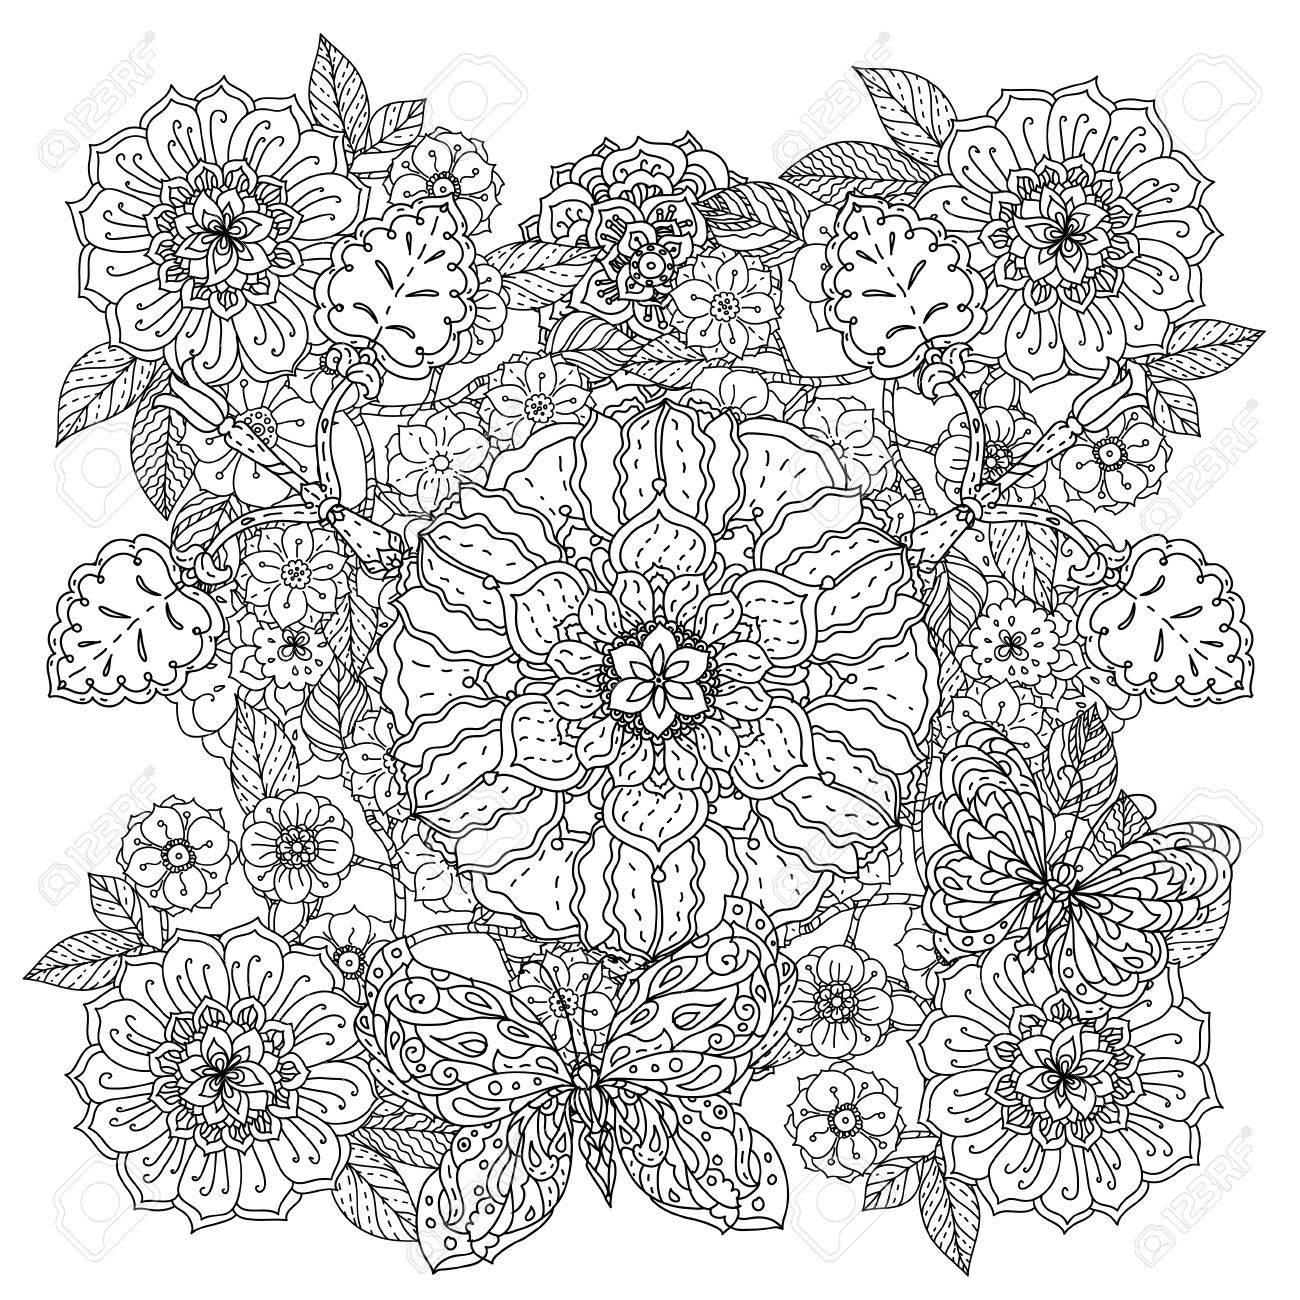 Coloriage Adulte Therapie.Des Fleurs Et Des Papillons Pour Livre De Coloriage Adulte Ou Style